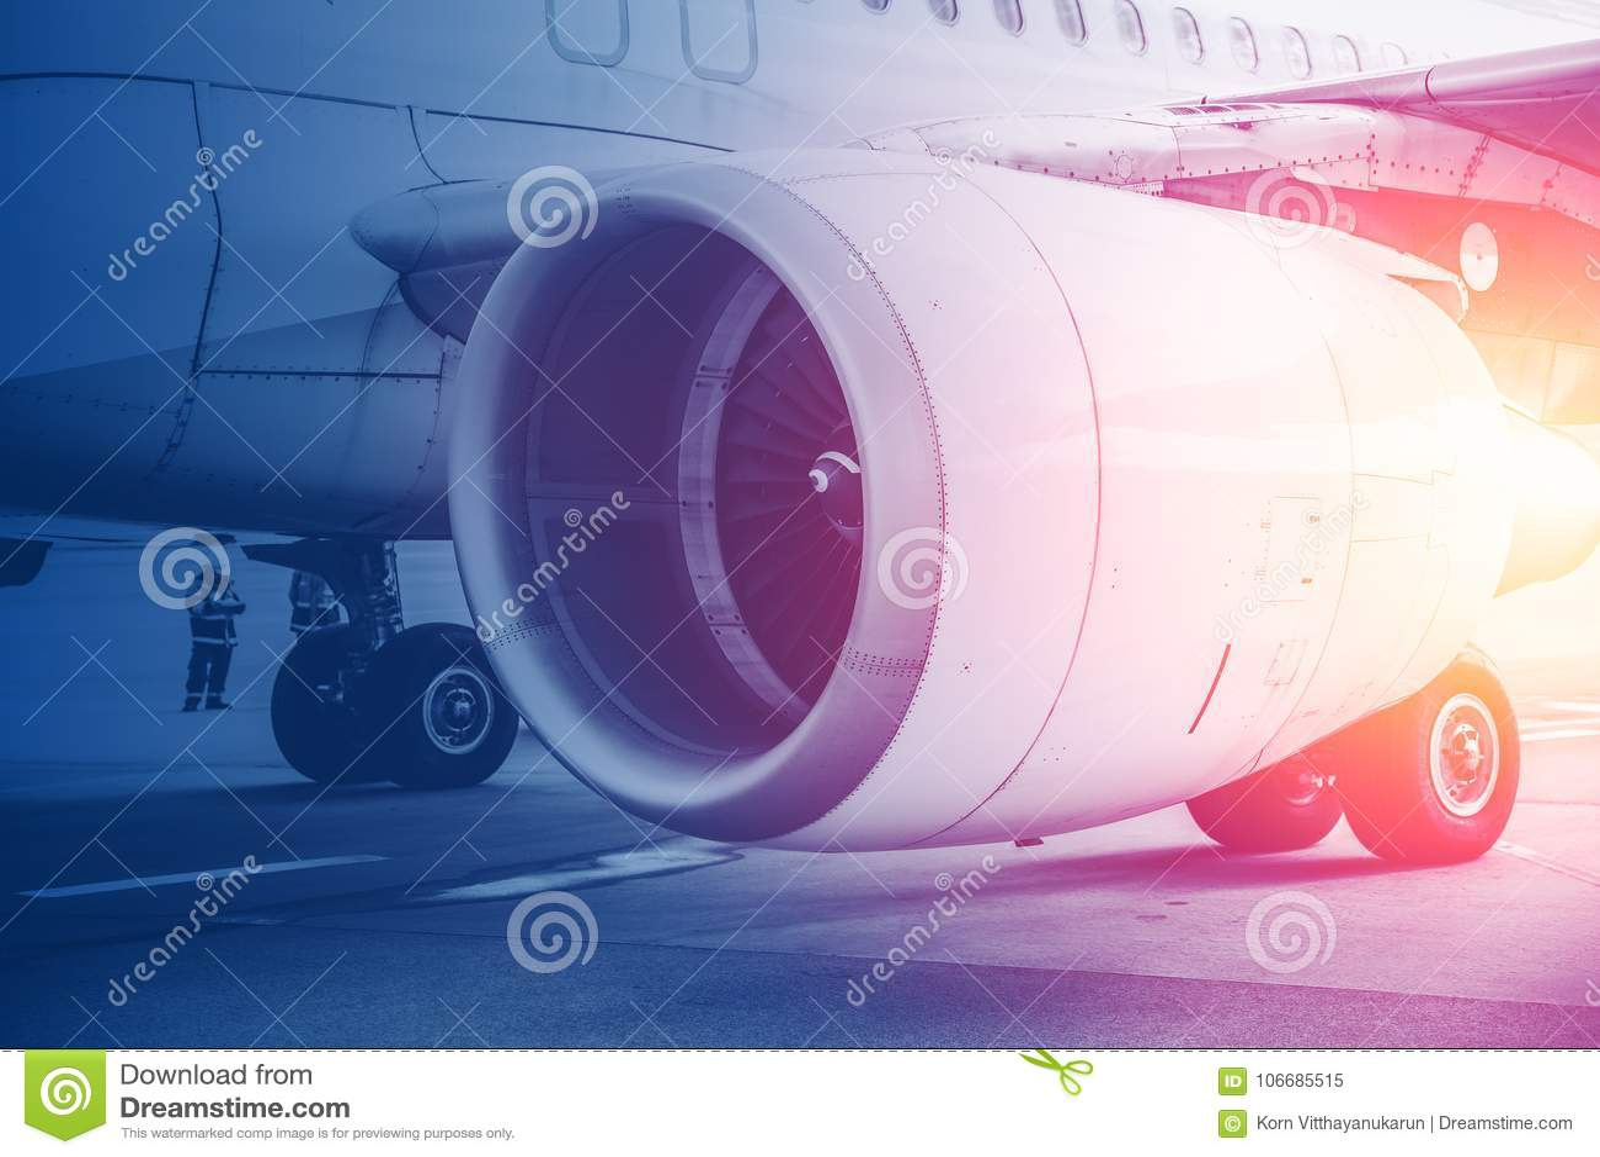 Jet-Turbinentriebwerk Flug für Zukunft von Luftfahrt im Verkehrsflugzeughintergrund